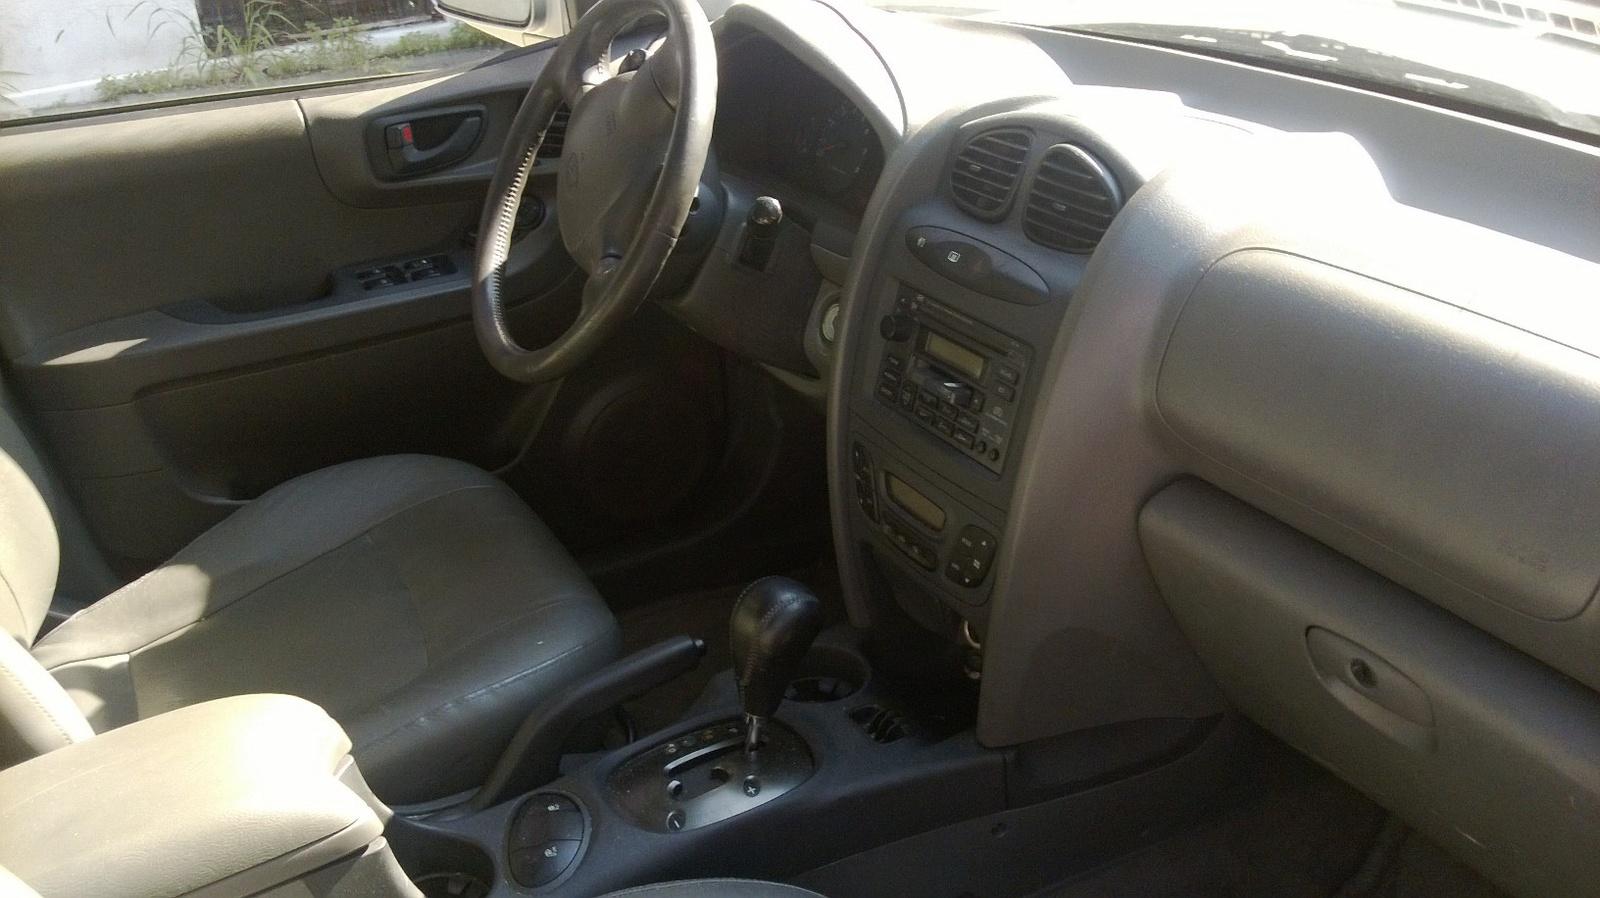 2002 Hyundai Santa Fe Interior Pictures Cargurus